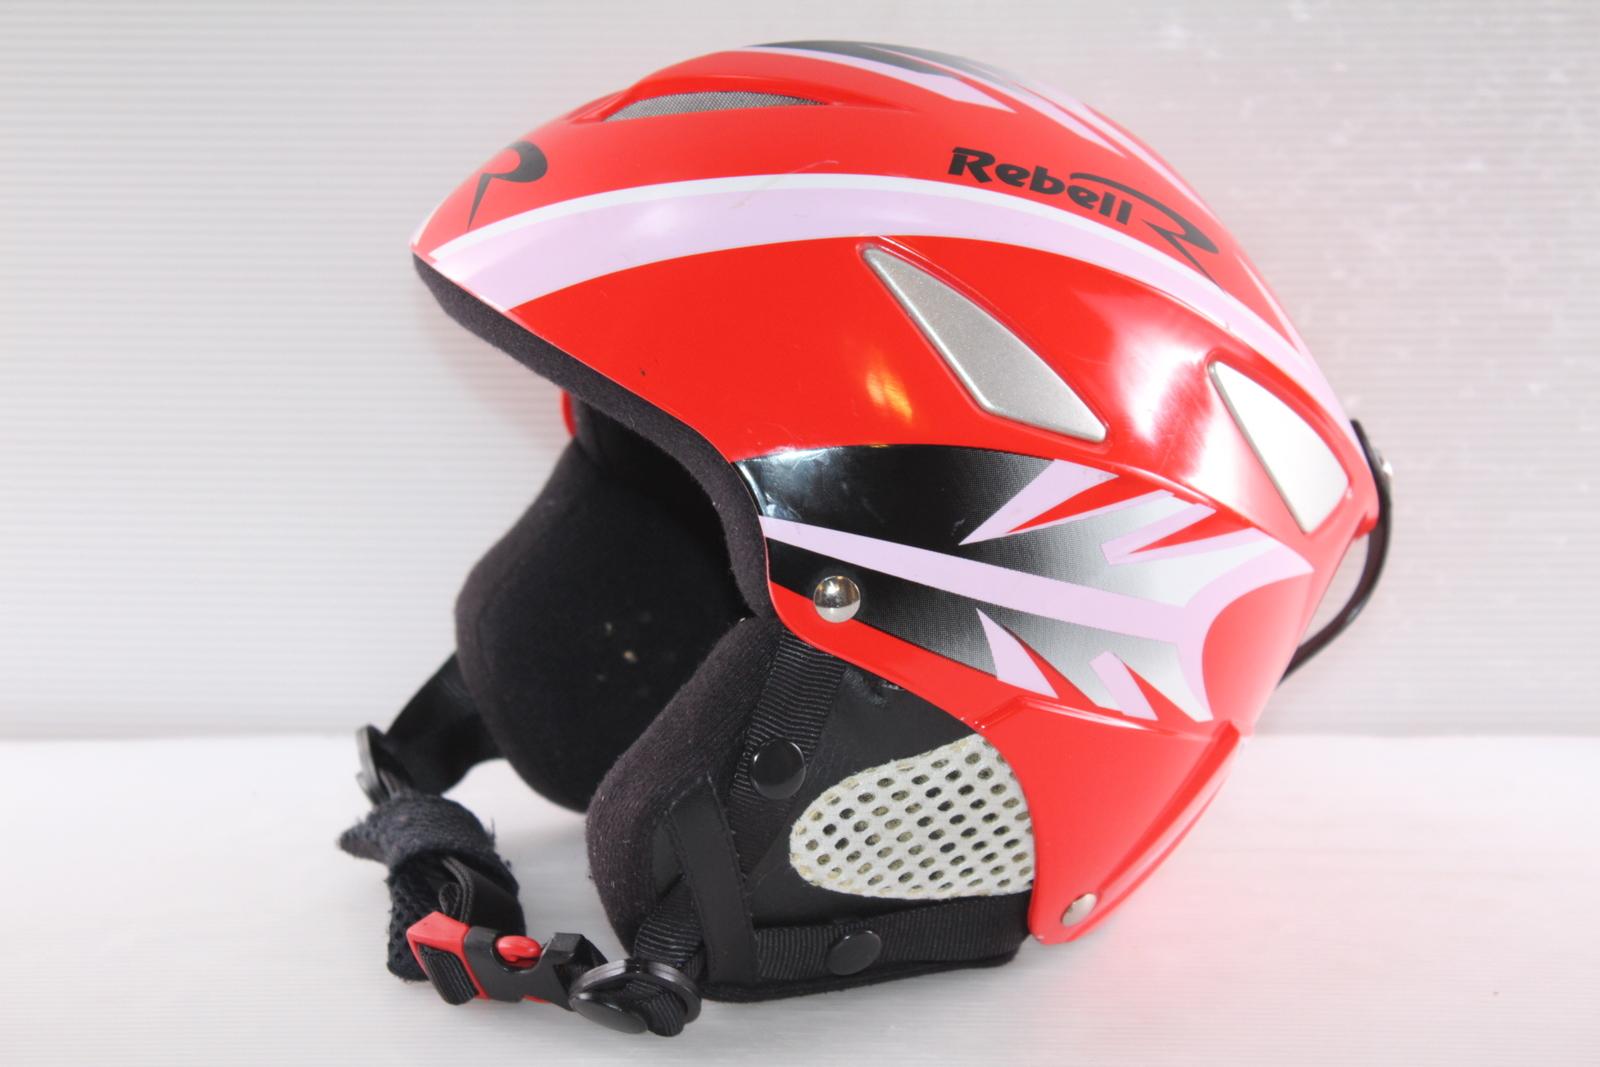 Dětská lyžařská helma Rebel  vel. 52